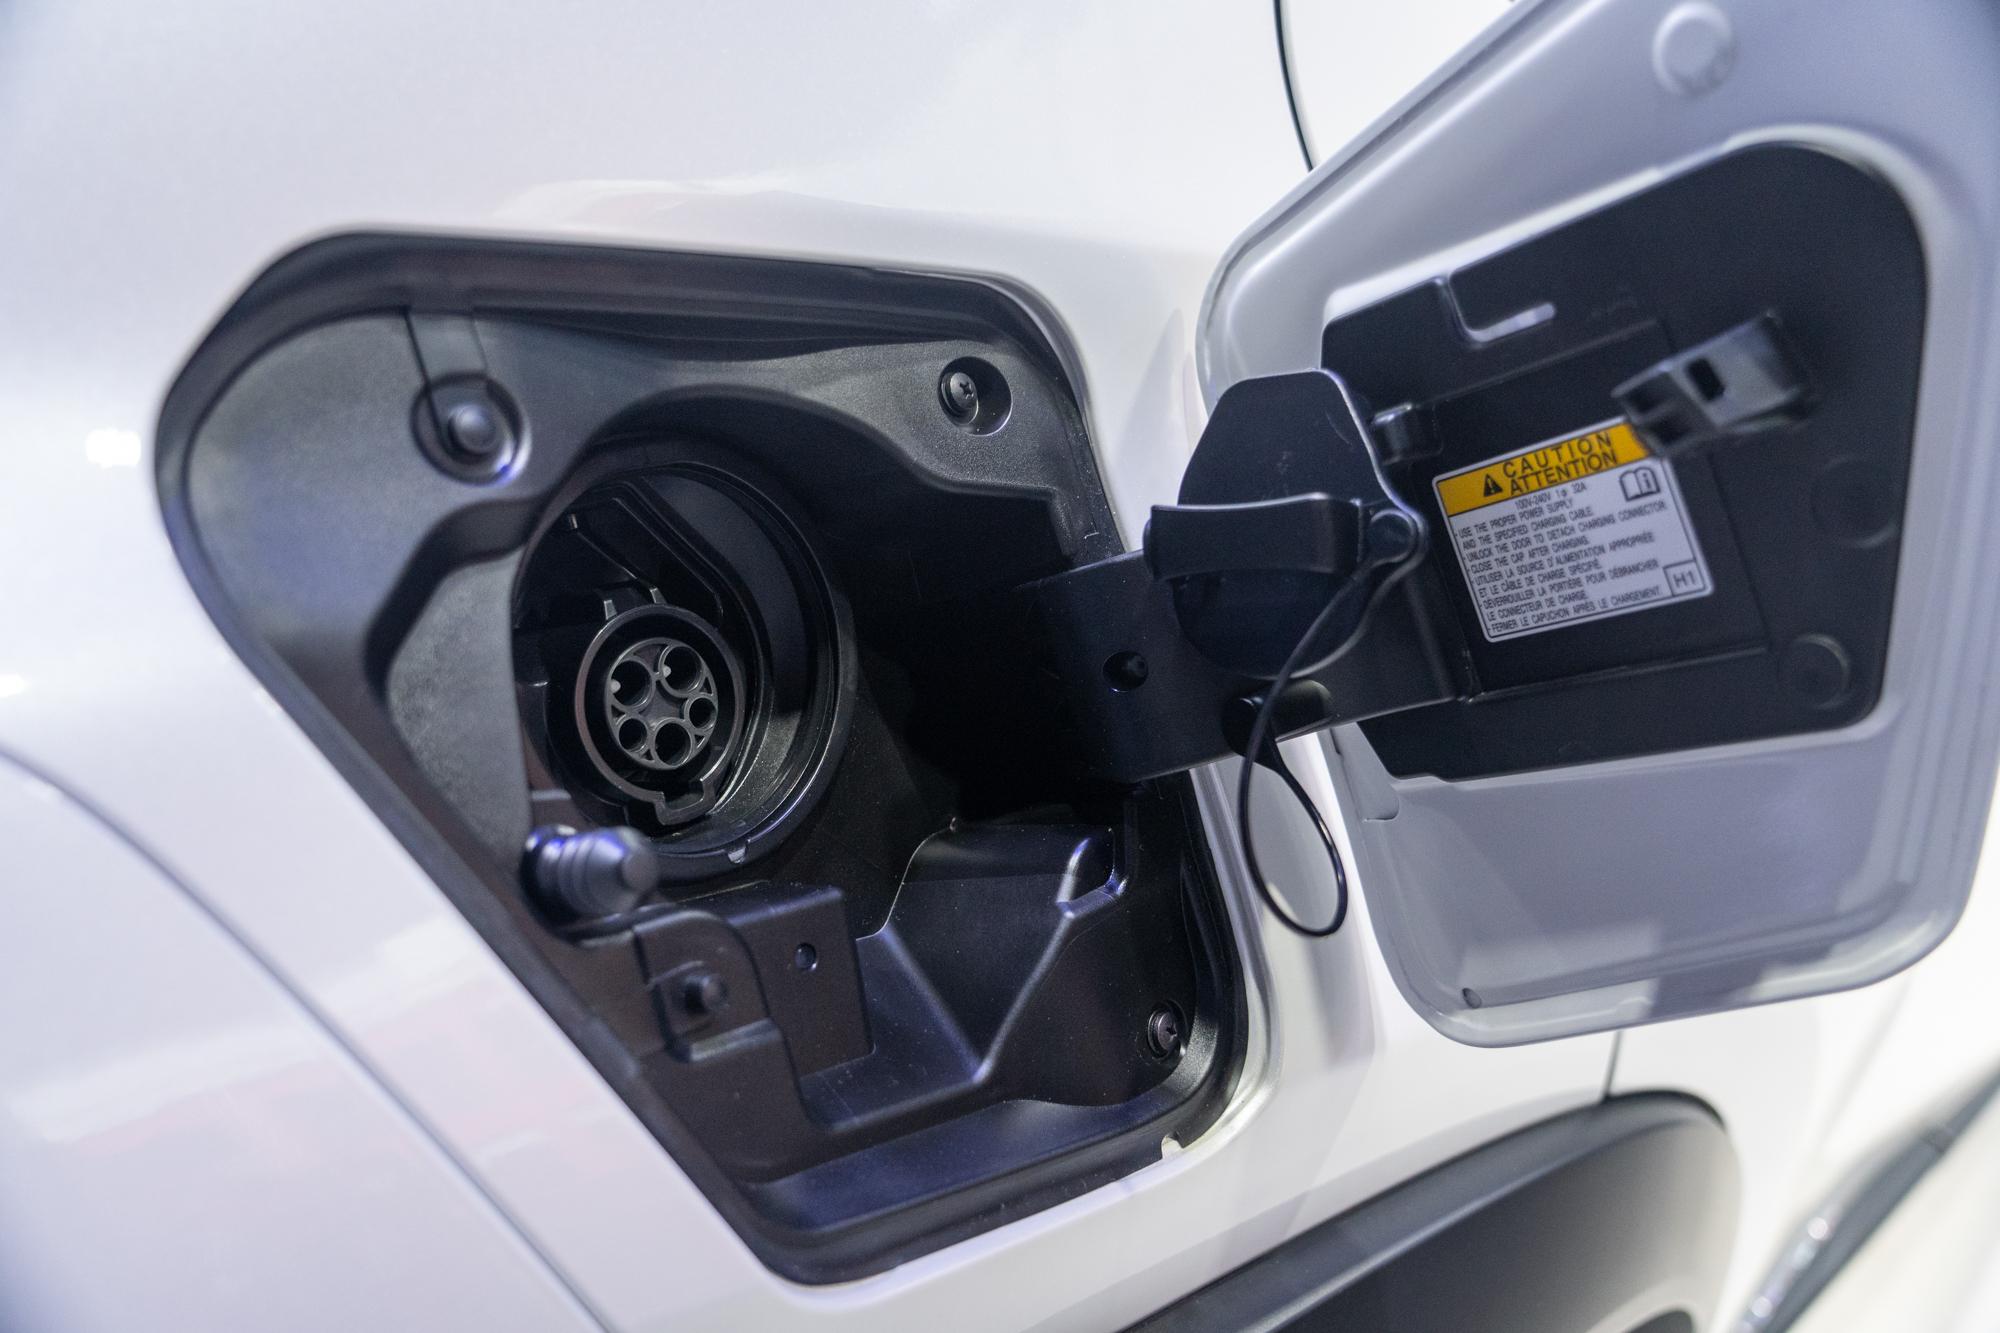 車身右側為 AC 交流電充電孔,採用 SAE 1772 規格。